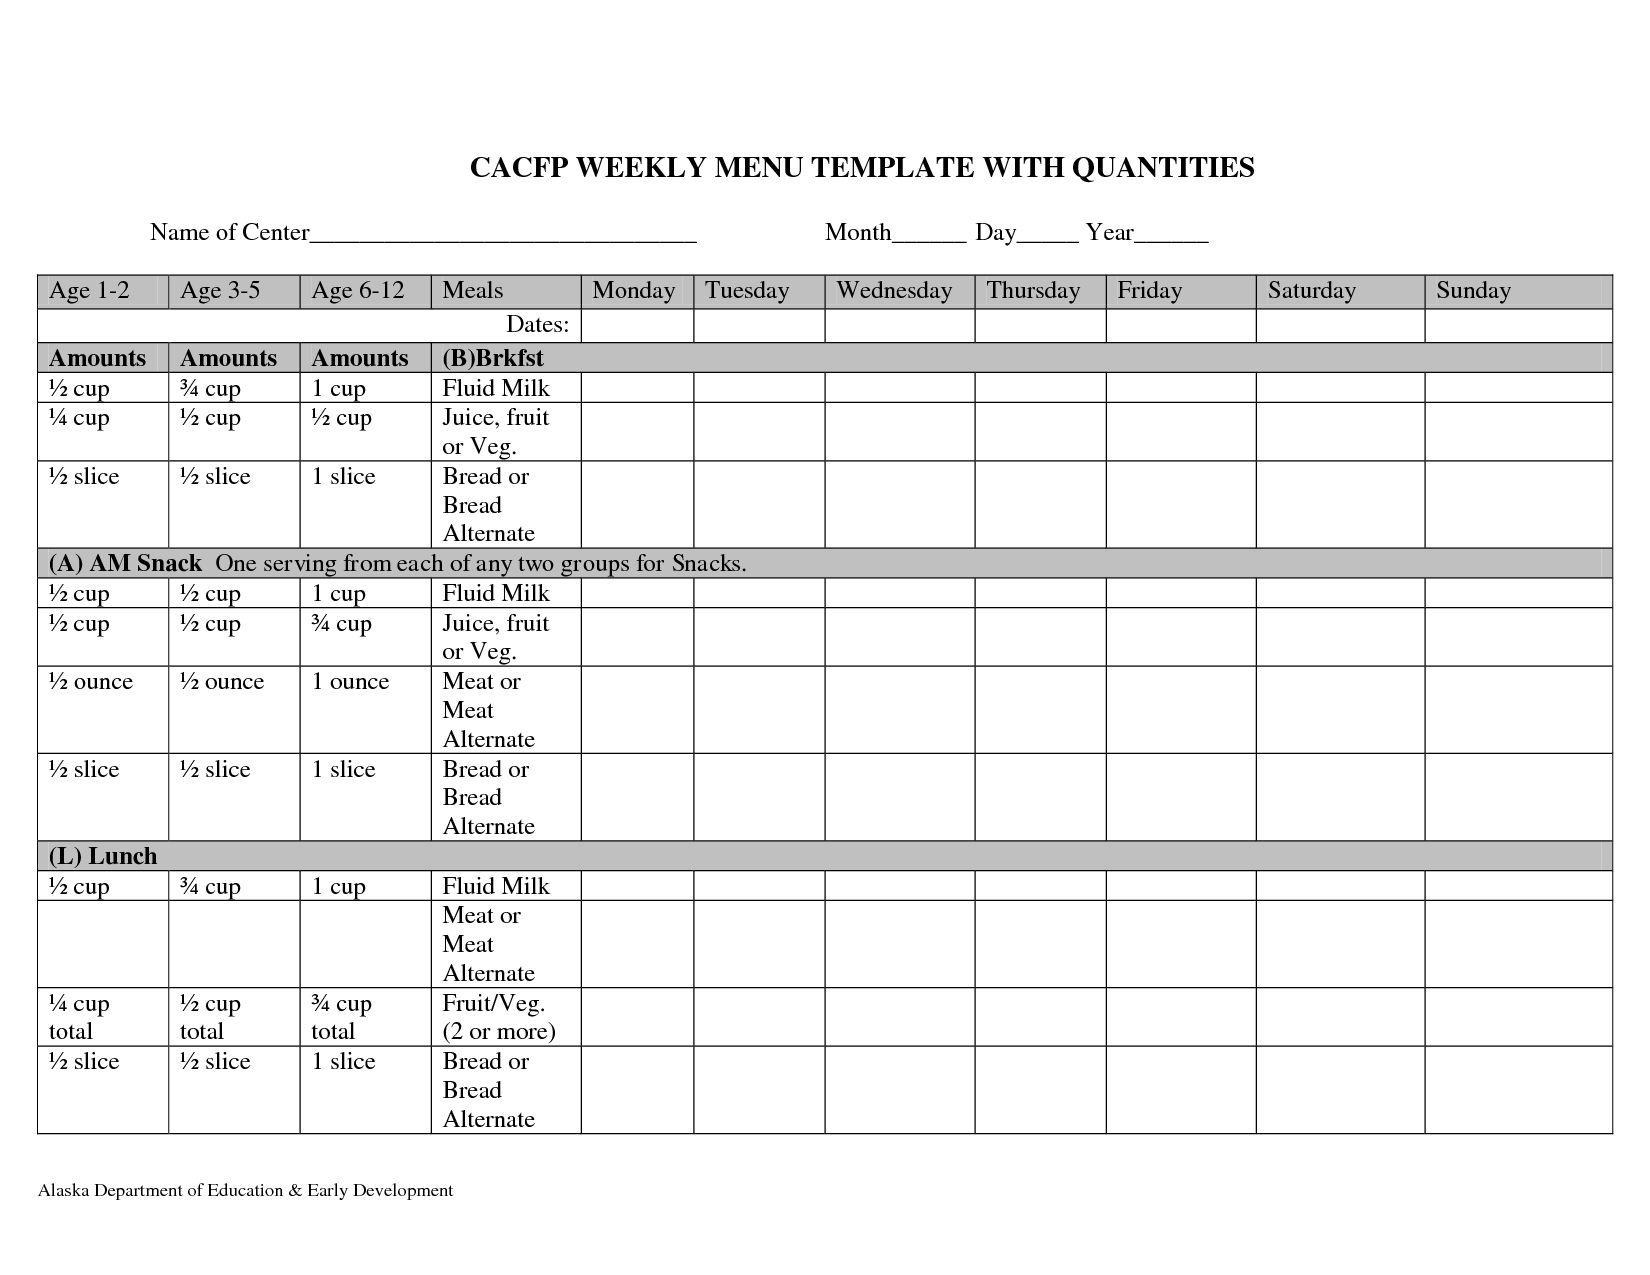 Cycle Menu Template Cacfp Weekly Menu Planning